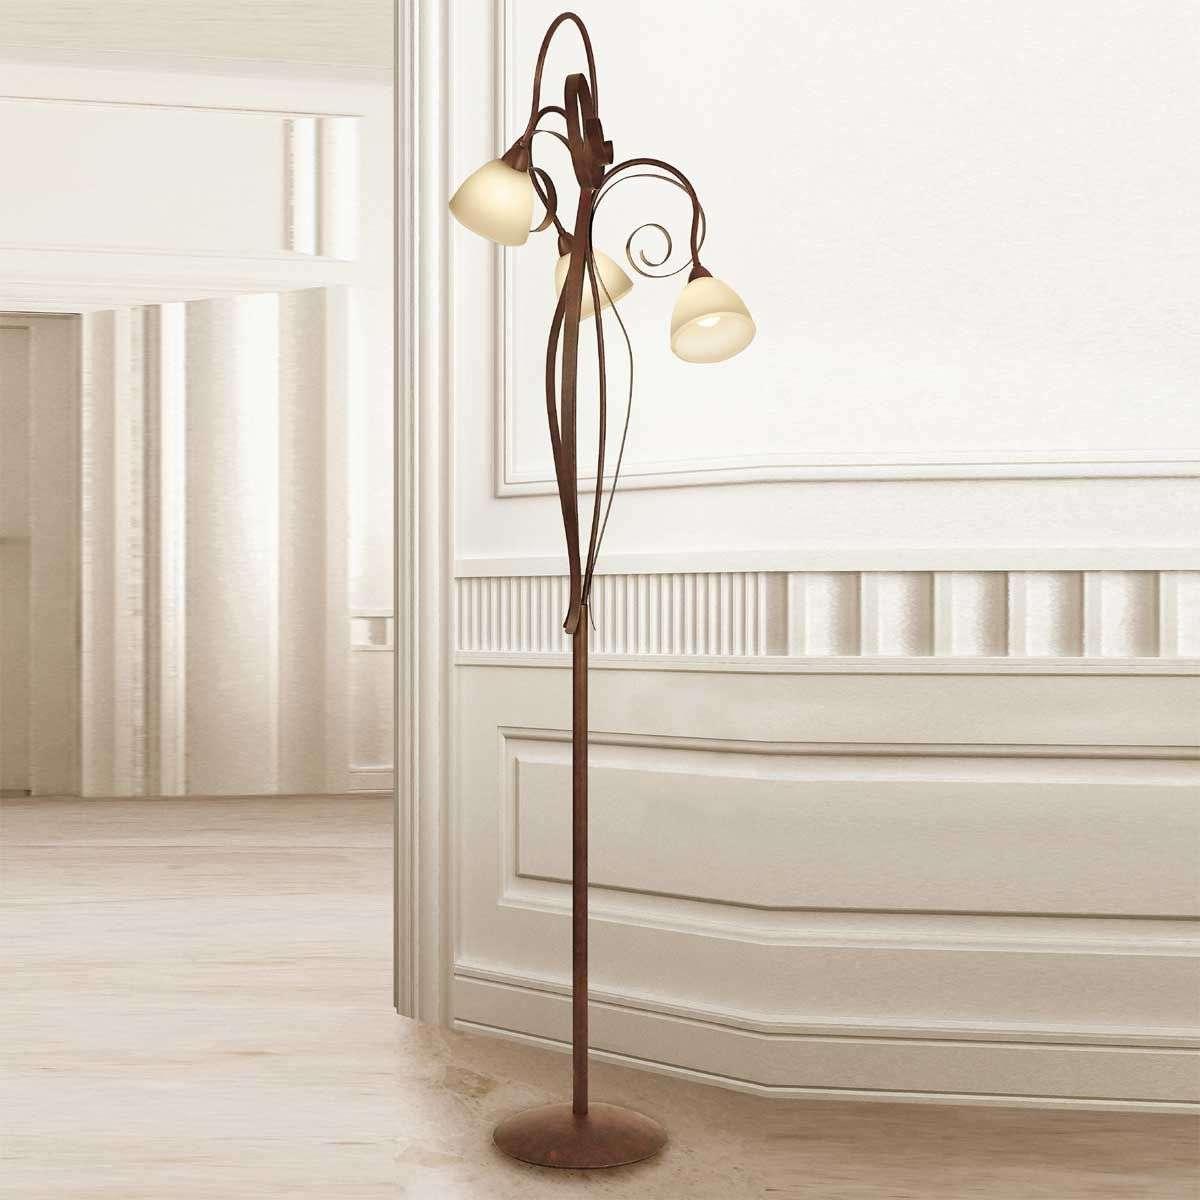 inspirations bulb floors light com walmart idea intended for floor home your on lamps amazing lamp vkozhukharova